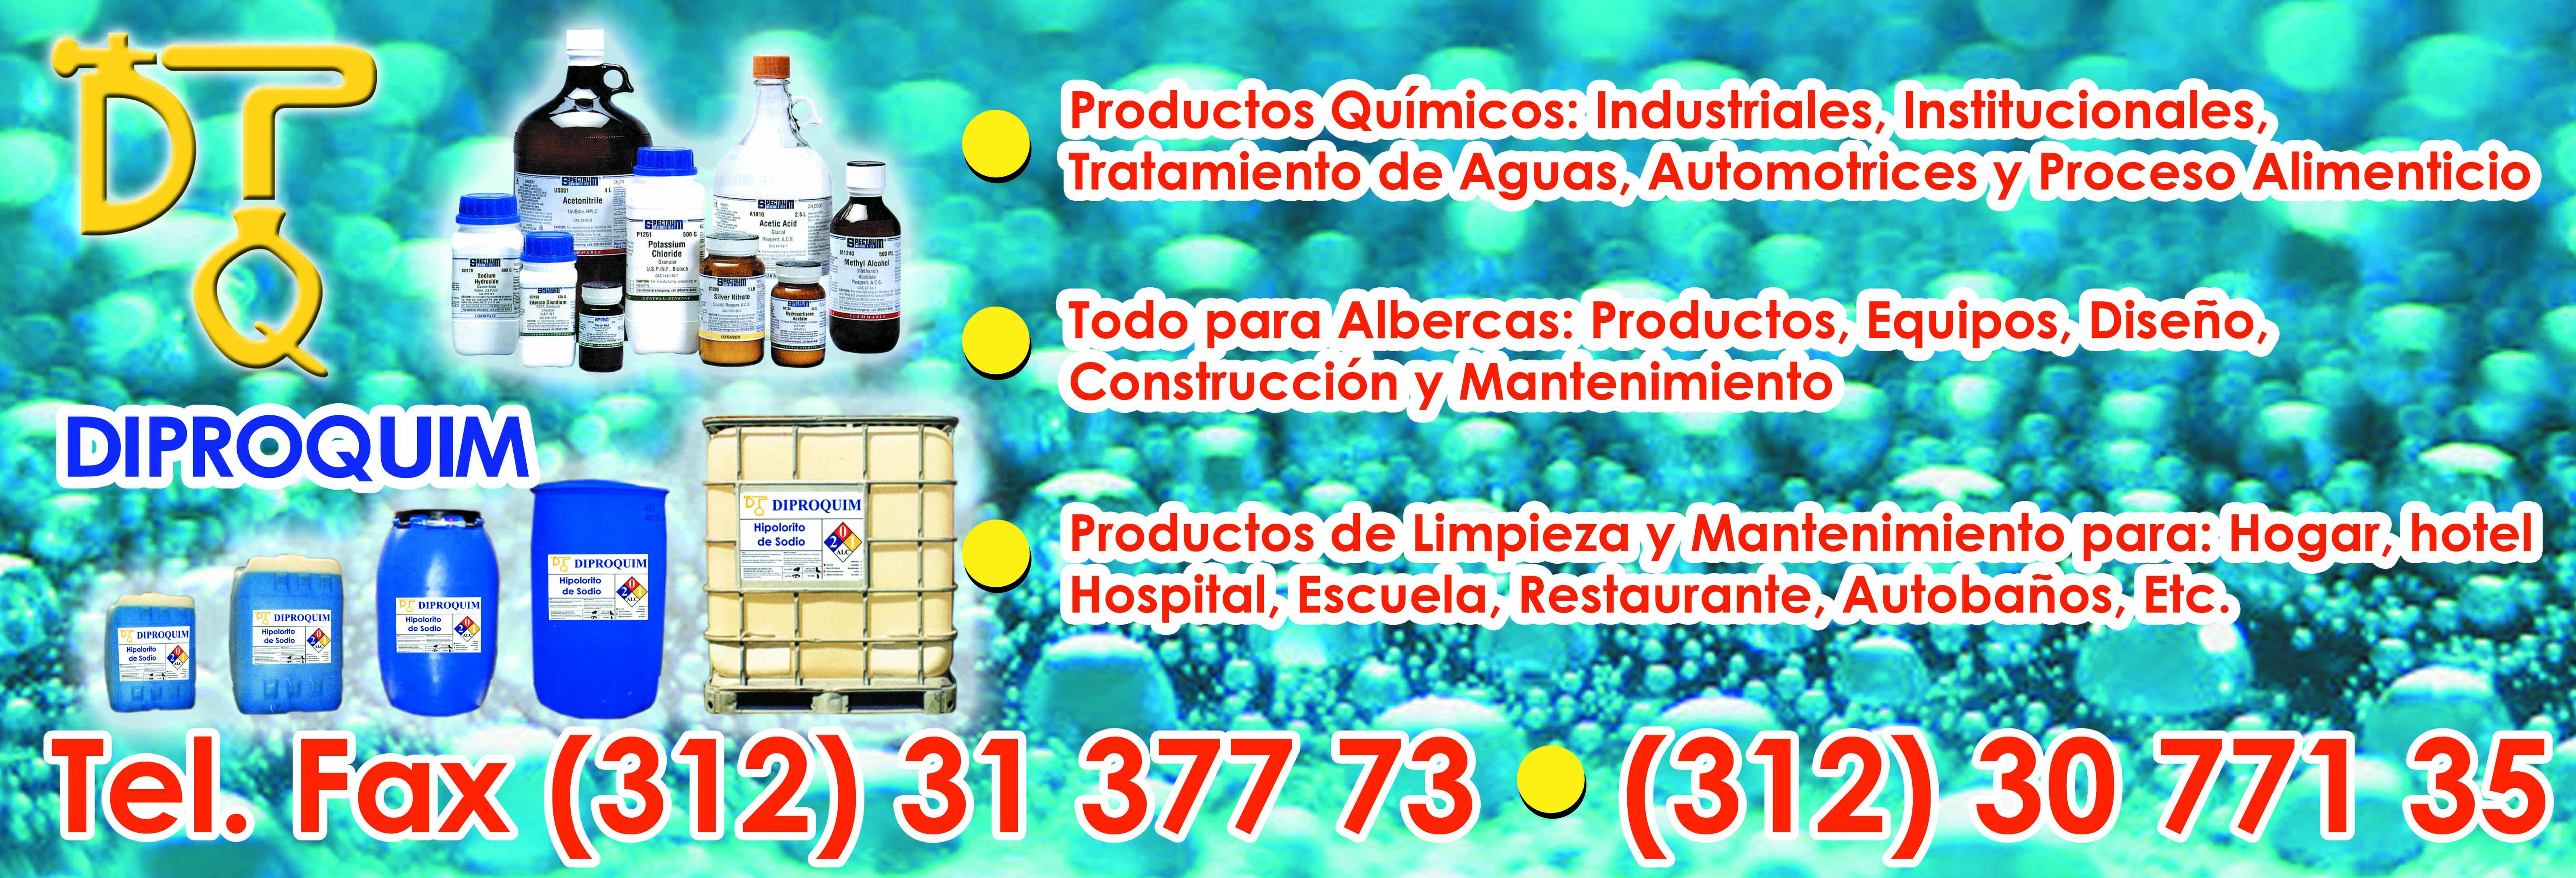 Distribuidora de Productos Químicos de Colima S.A. de C.V.